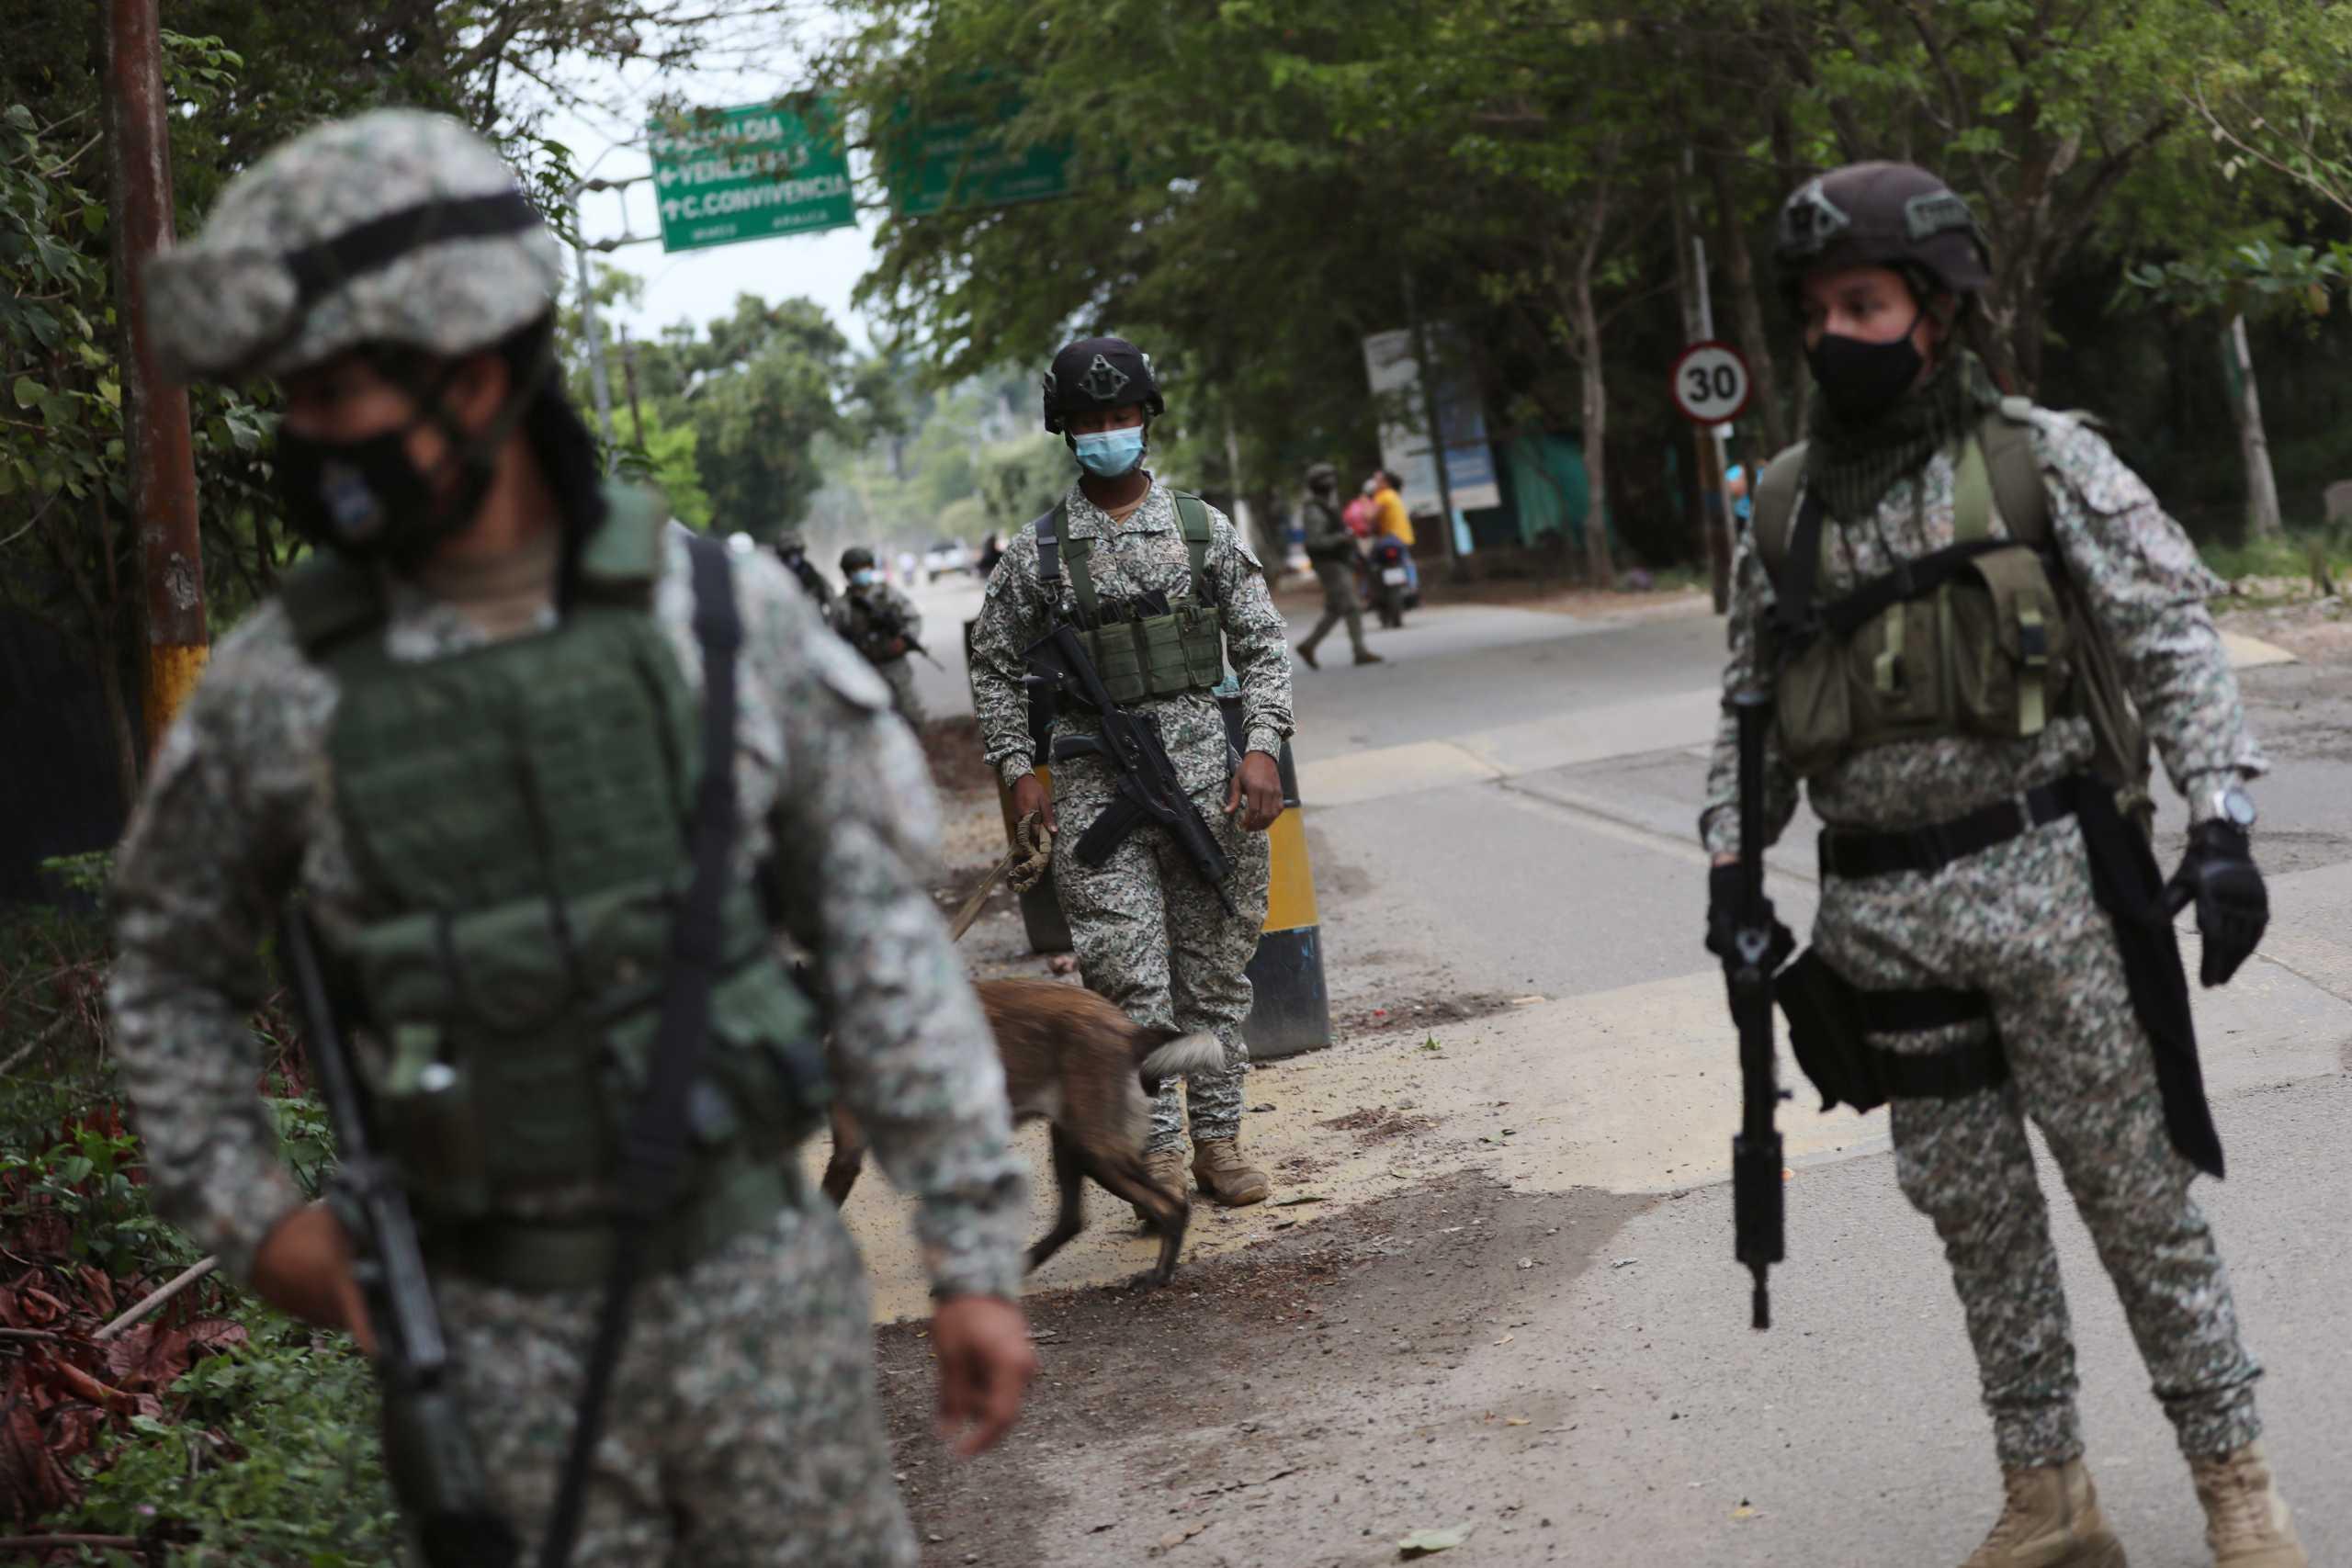 Κολομβία: Έψαχναν αγνοούμενη και βρήκαν ομαδικό τάφο 26 αγνώστων!